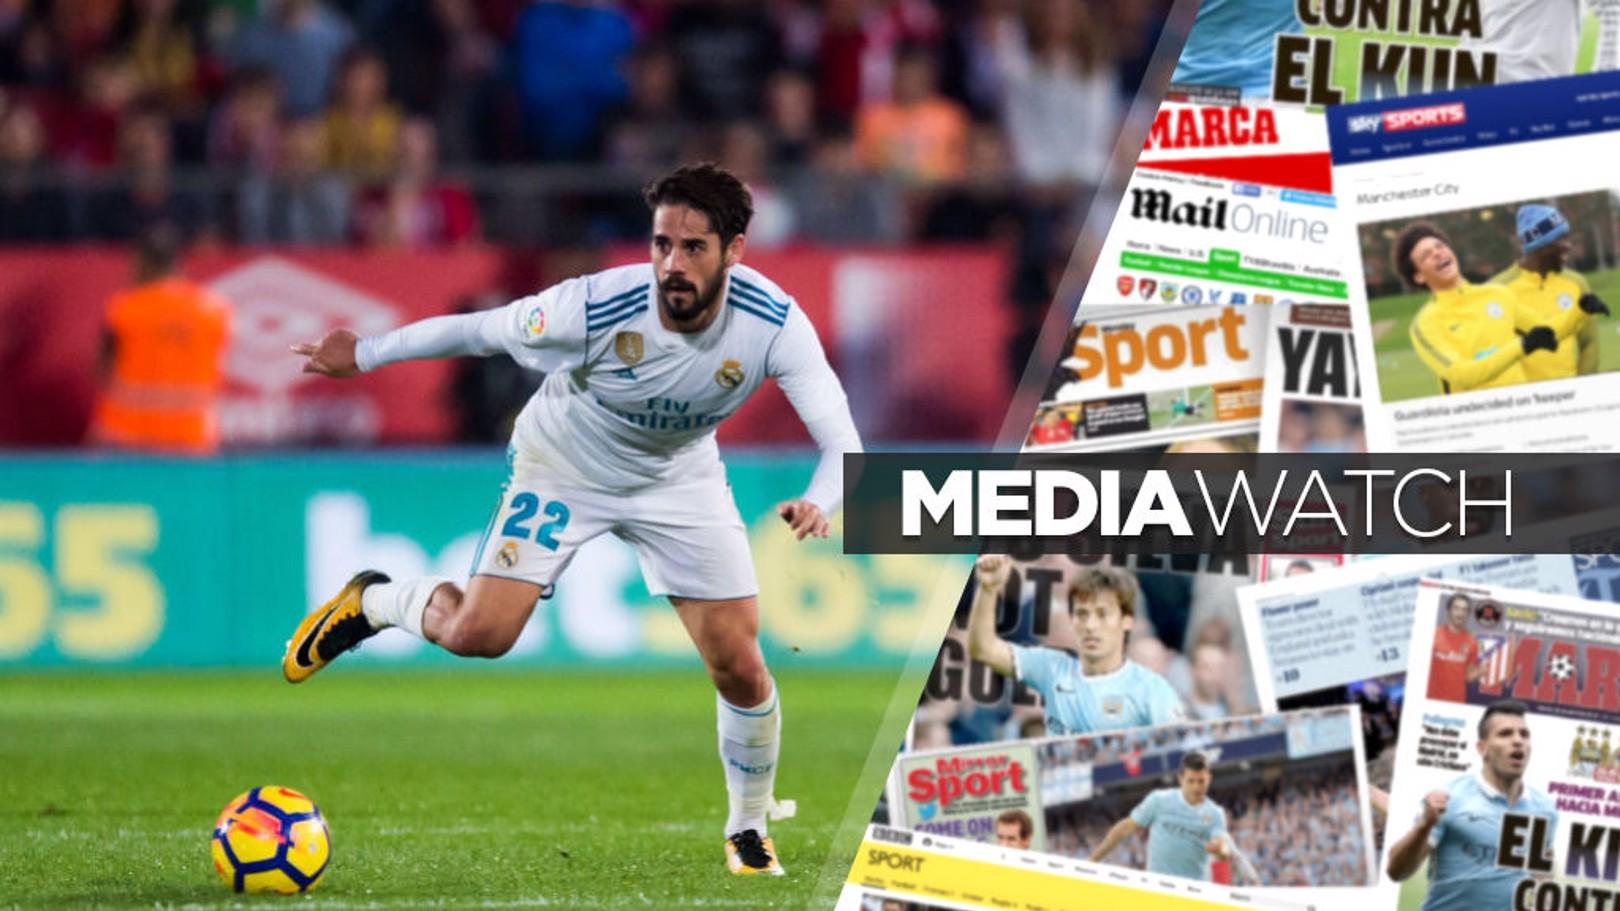 صحف إسبانية أشارت إلى إمكانية انضمام إيسكو إلى مانشستر سيتي في الصيف المقبل.